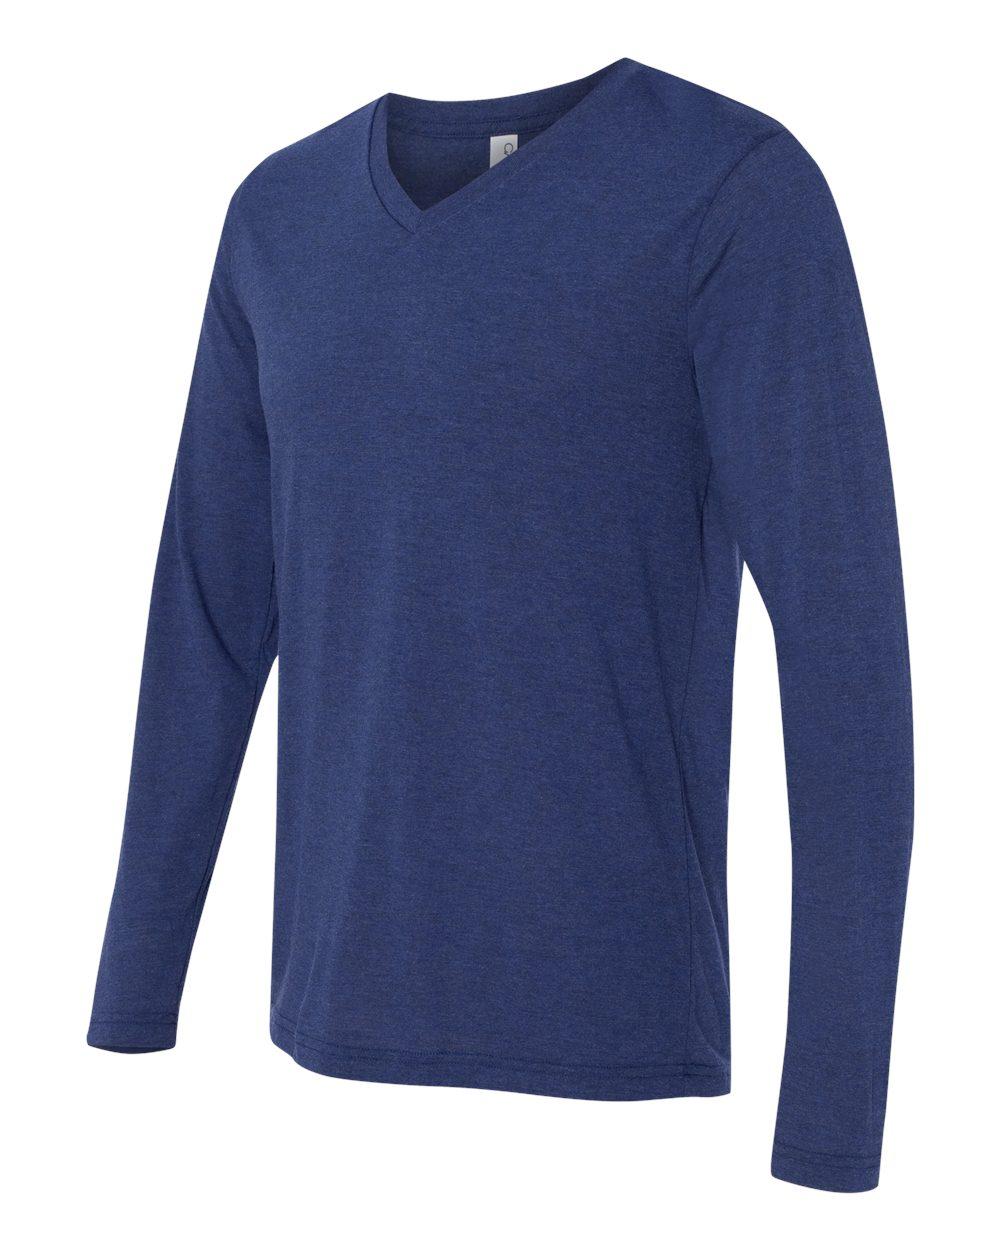 Bella-Canvas-Unisex-Jersey-Long-Sleeve-V-Neck-T-Shirt-3425-XS-2XL thumbnail 9